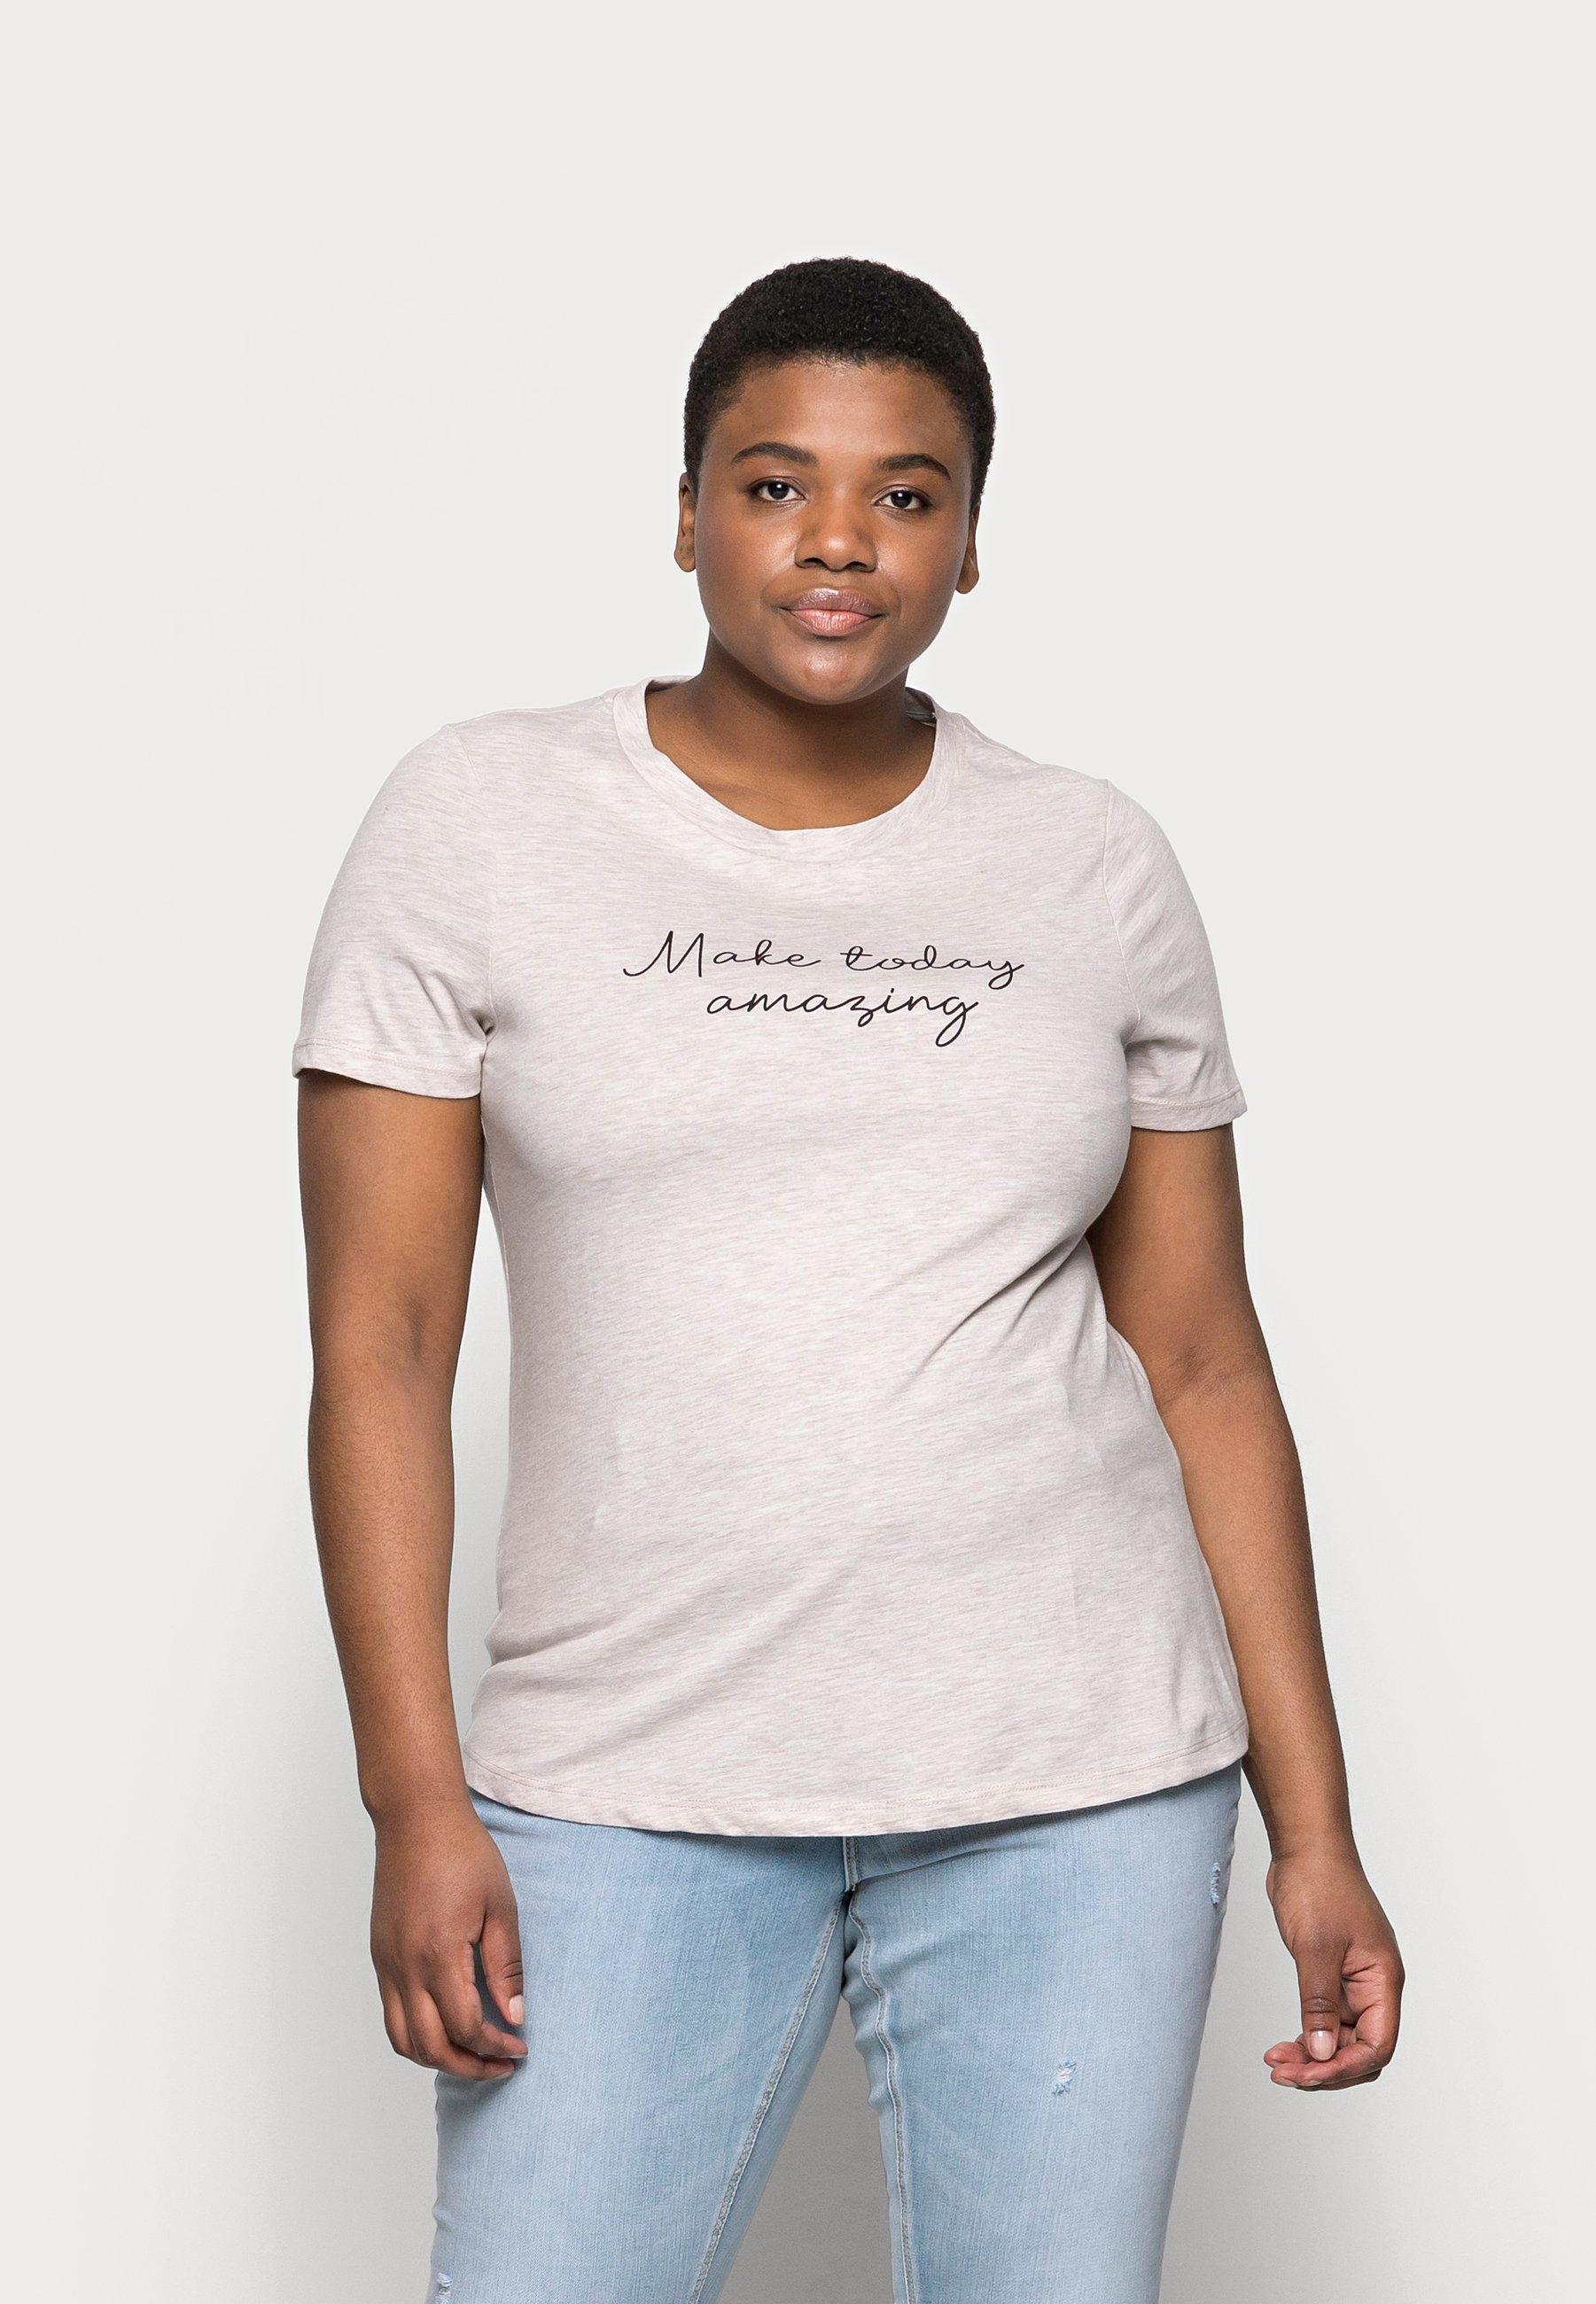 Femme HILLA - T-shirt imprimé - camel/black